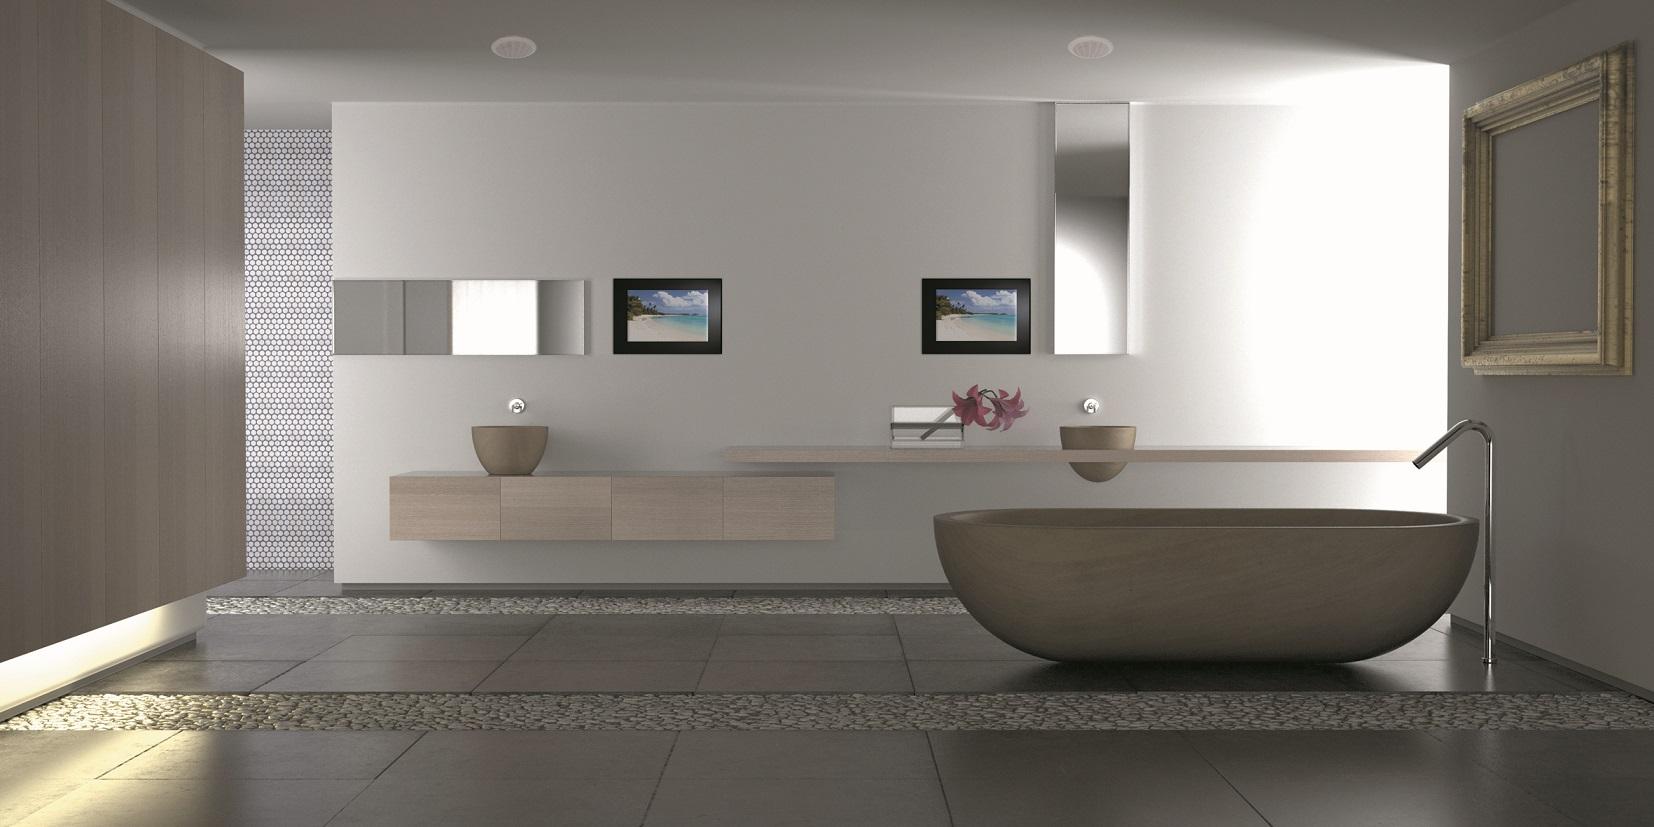 eigentijdse-badkamer-design-modern